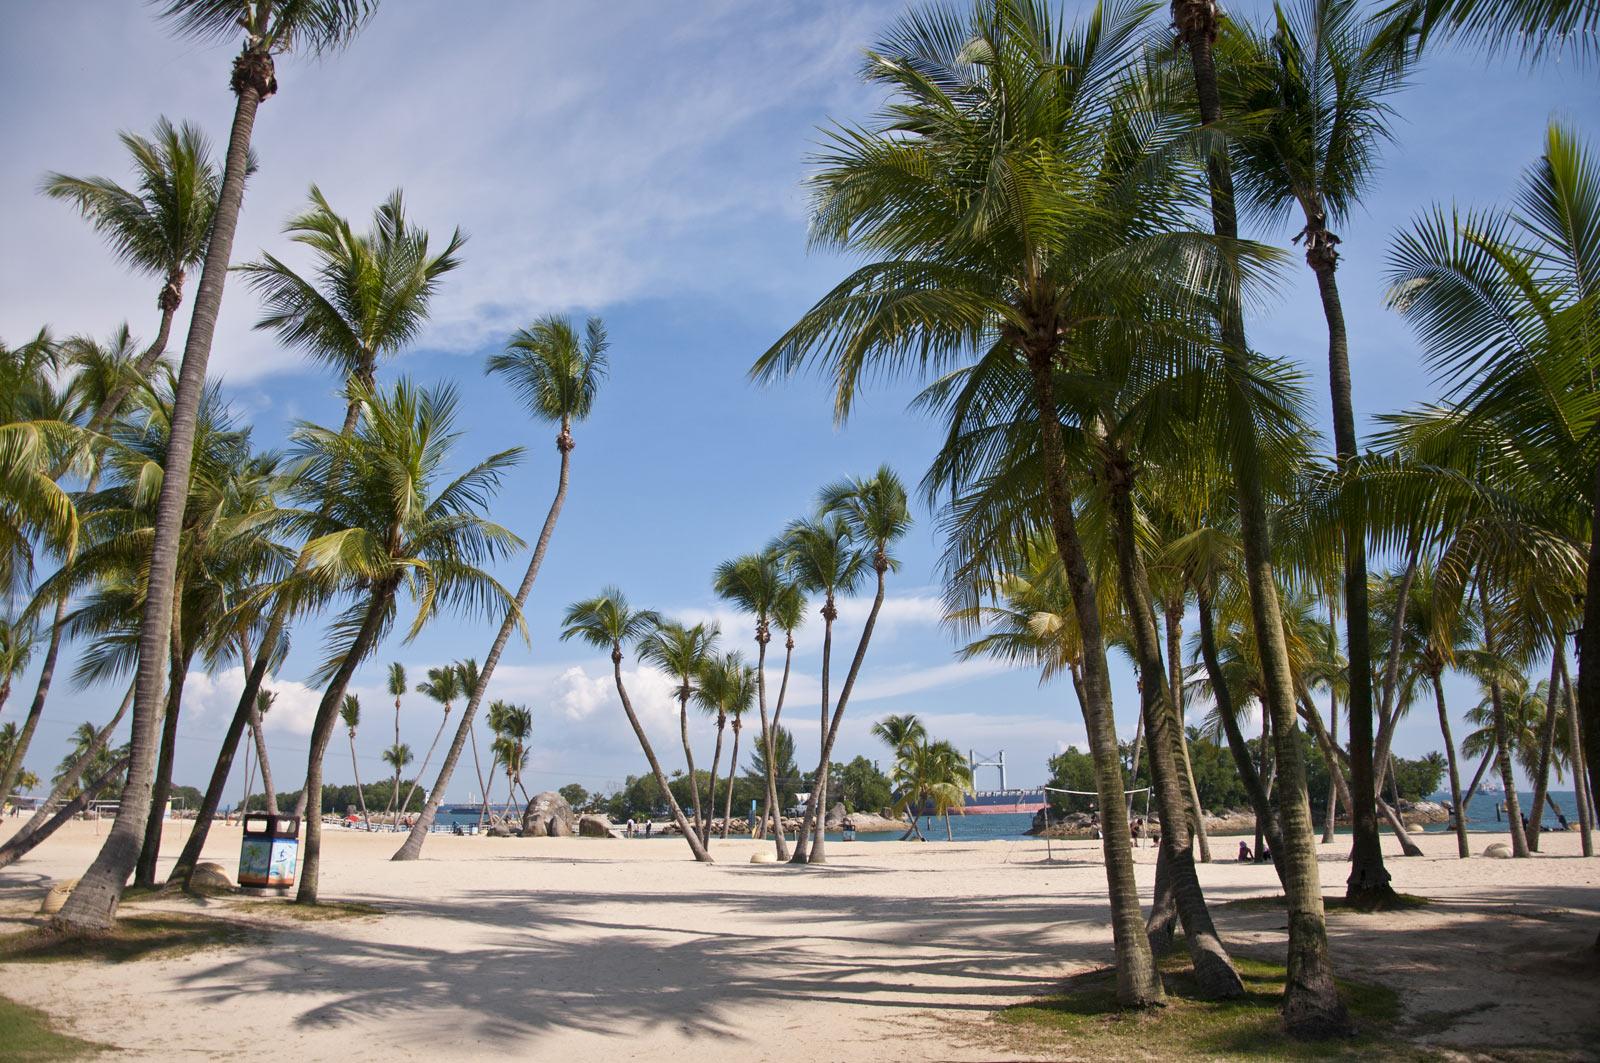 Пальмы на пляже острова Сентоса